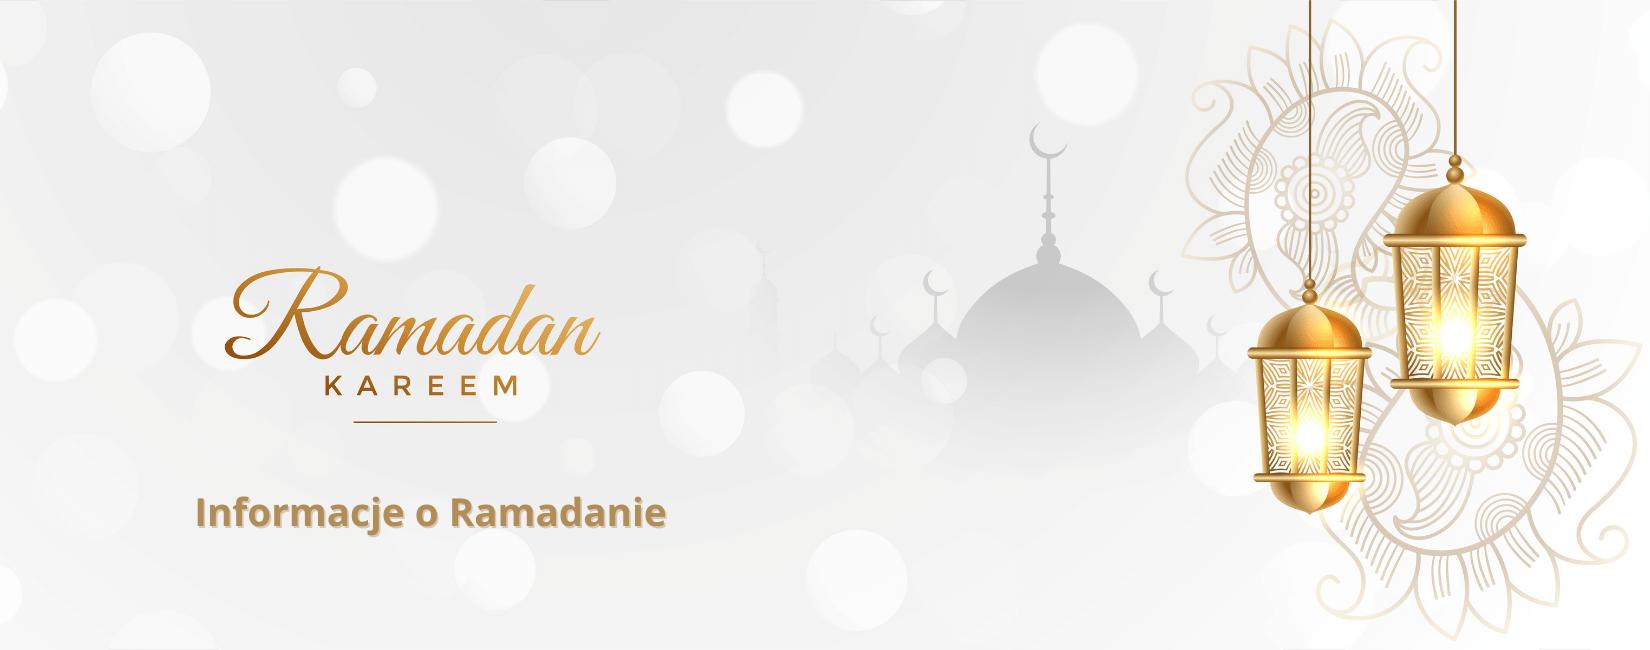 Przewodnik po Ramadanie